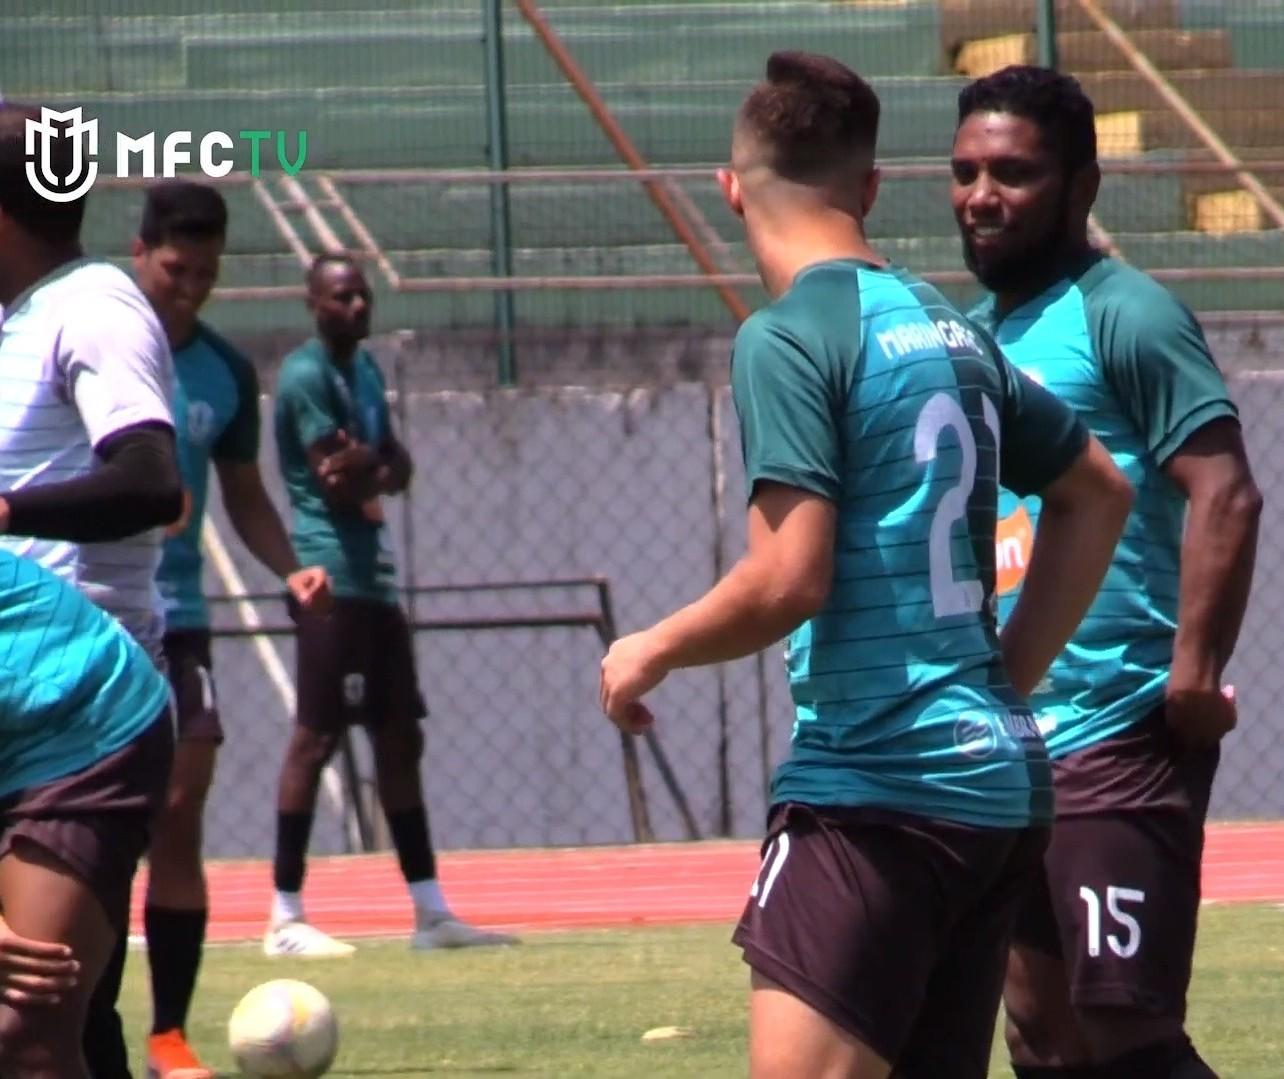 Série B do Paranaense começa neste domingo (27)